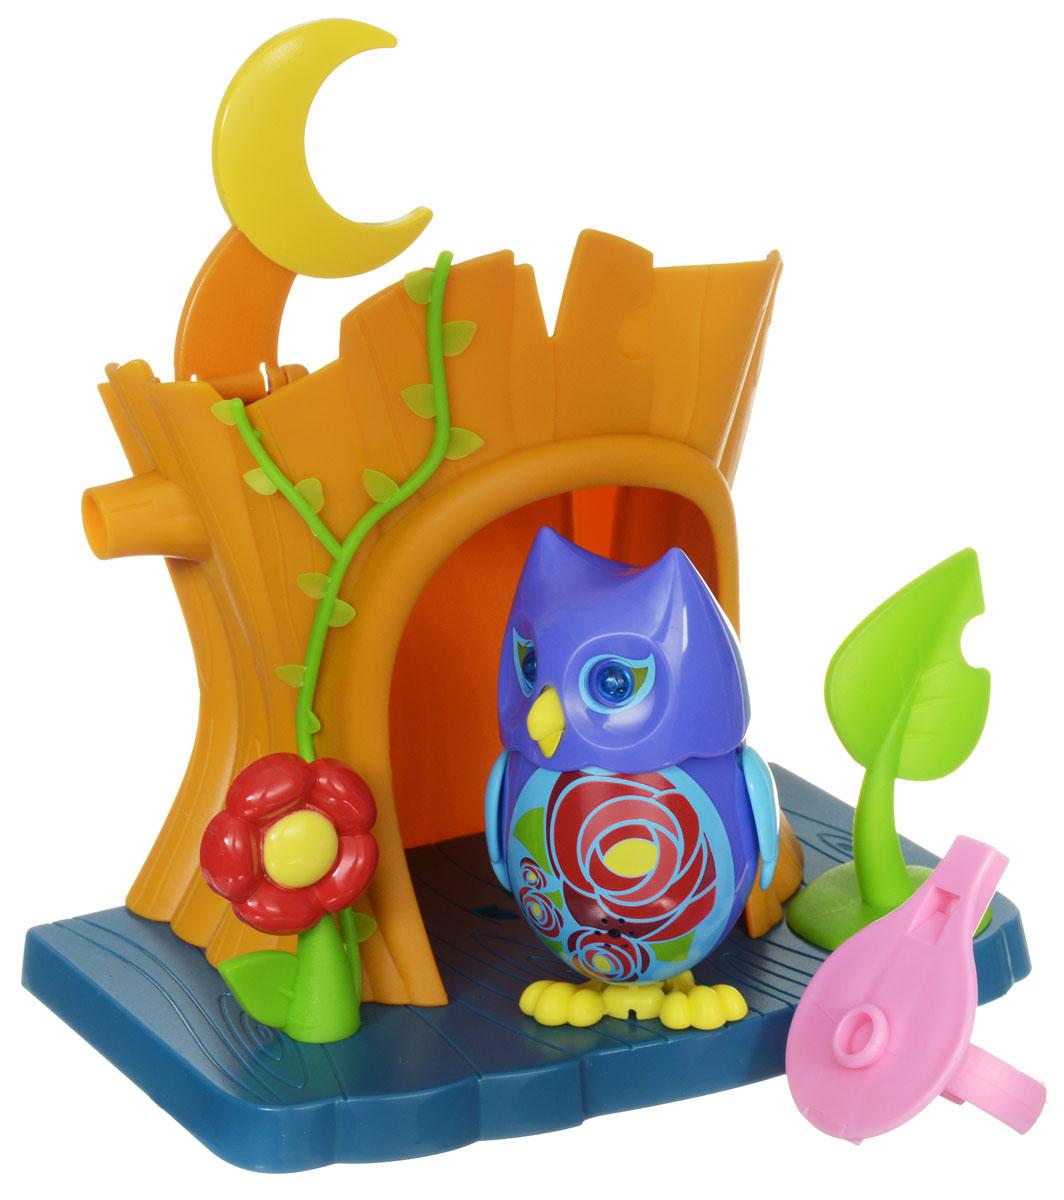 DigiFriends Интерактивная игрушка Сова Rosette с домиком88359-5Интерактивная игрушка DigiFriends Сова с домиком подарит ребенку множество незабываемых игр. Птичка умеет петь как соло, так и в хоре - вместе с другими птичками или персонажами DigiFriends. Уютный домик для совы имеет главный вход и заднюю дверь. К крыше домика прикреплен месяц, который поднимается и наступает ночь. Рядом с домиком расположены цветок и листик. Если повернуть листик, то под ним можно обнаружить забавную гусеницу. Чтобы активировать режим проигрывания мелодий и уханья совы, достаточно посвистеть в свисток, имеющийся в комплекте. Кольцо-свисток может быть использовано в качестве насеста-переноски. Игрушка издает 55 вариантов мелодий и звуков. Голова птички двигается в такт мелодии, а клюв - открывается. Глаза совы светятся. Игрушка может спеть вместе со всеми персонажами DigiFriends в режиме хор. Птичка, которую активировали первой, становится солистом. Управлять пением пернатой звезды или целым хором - исключительно увлекательное занятие, которое...